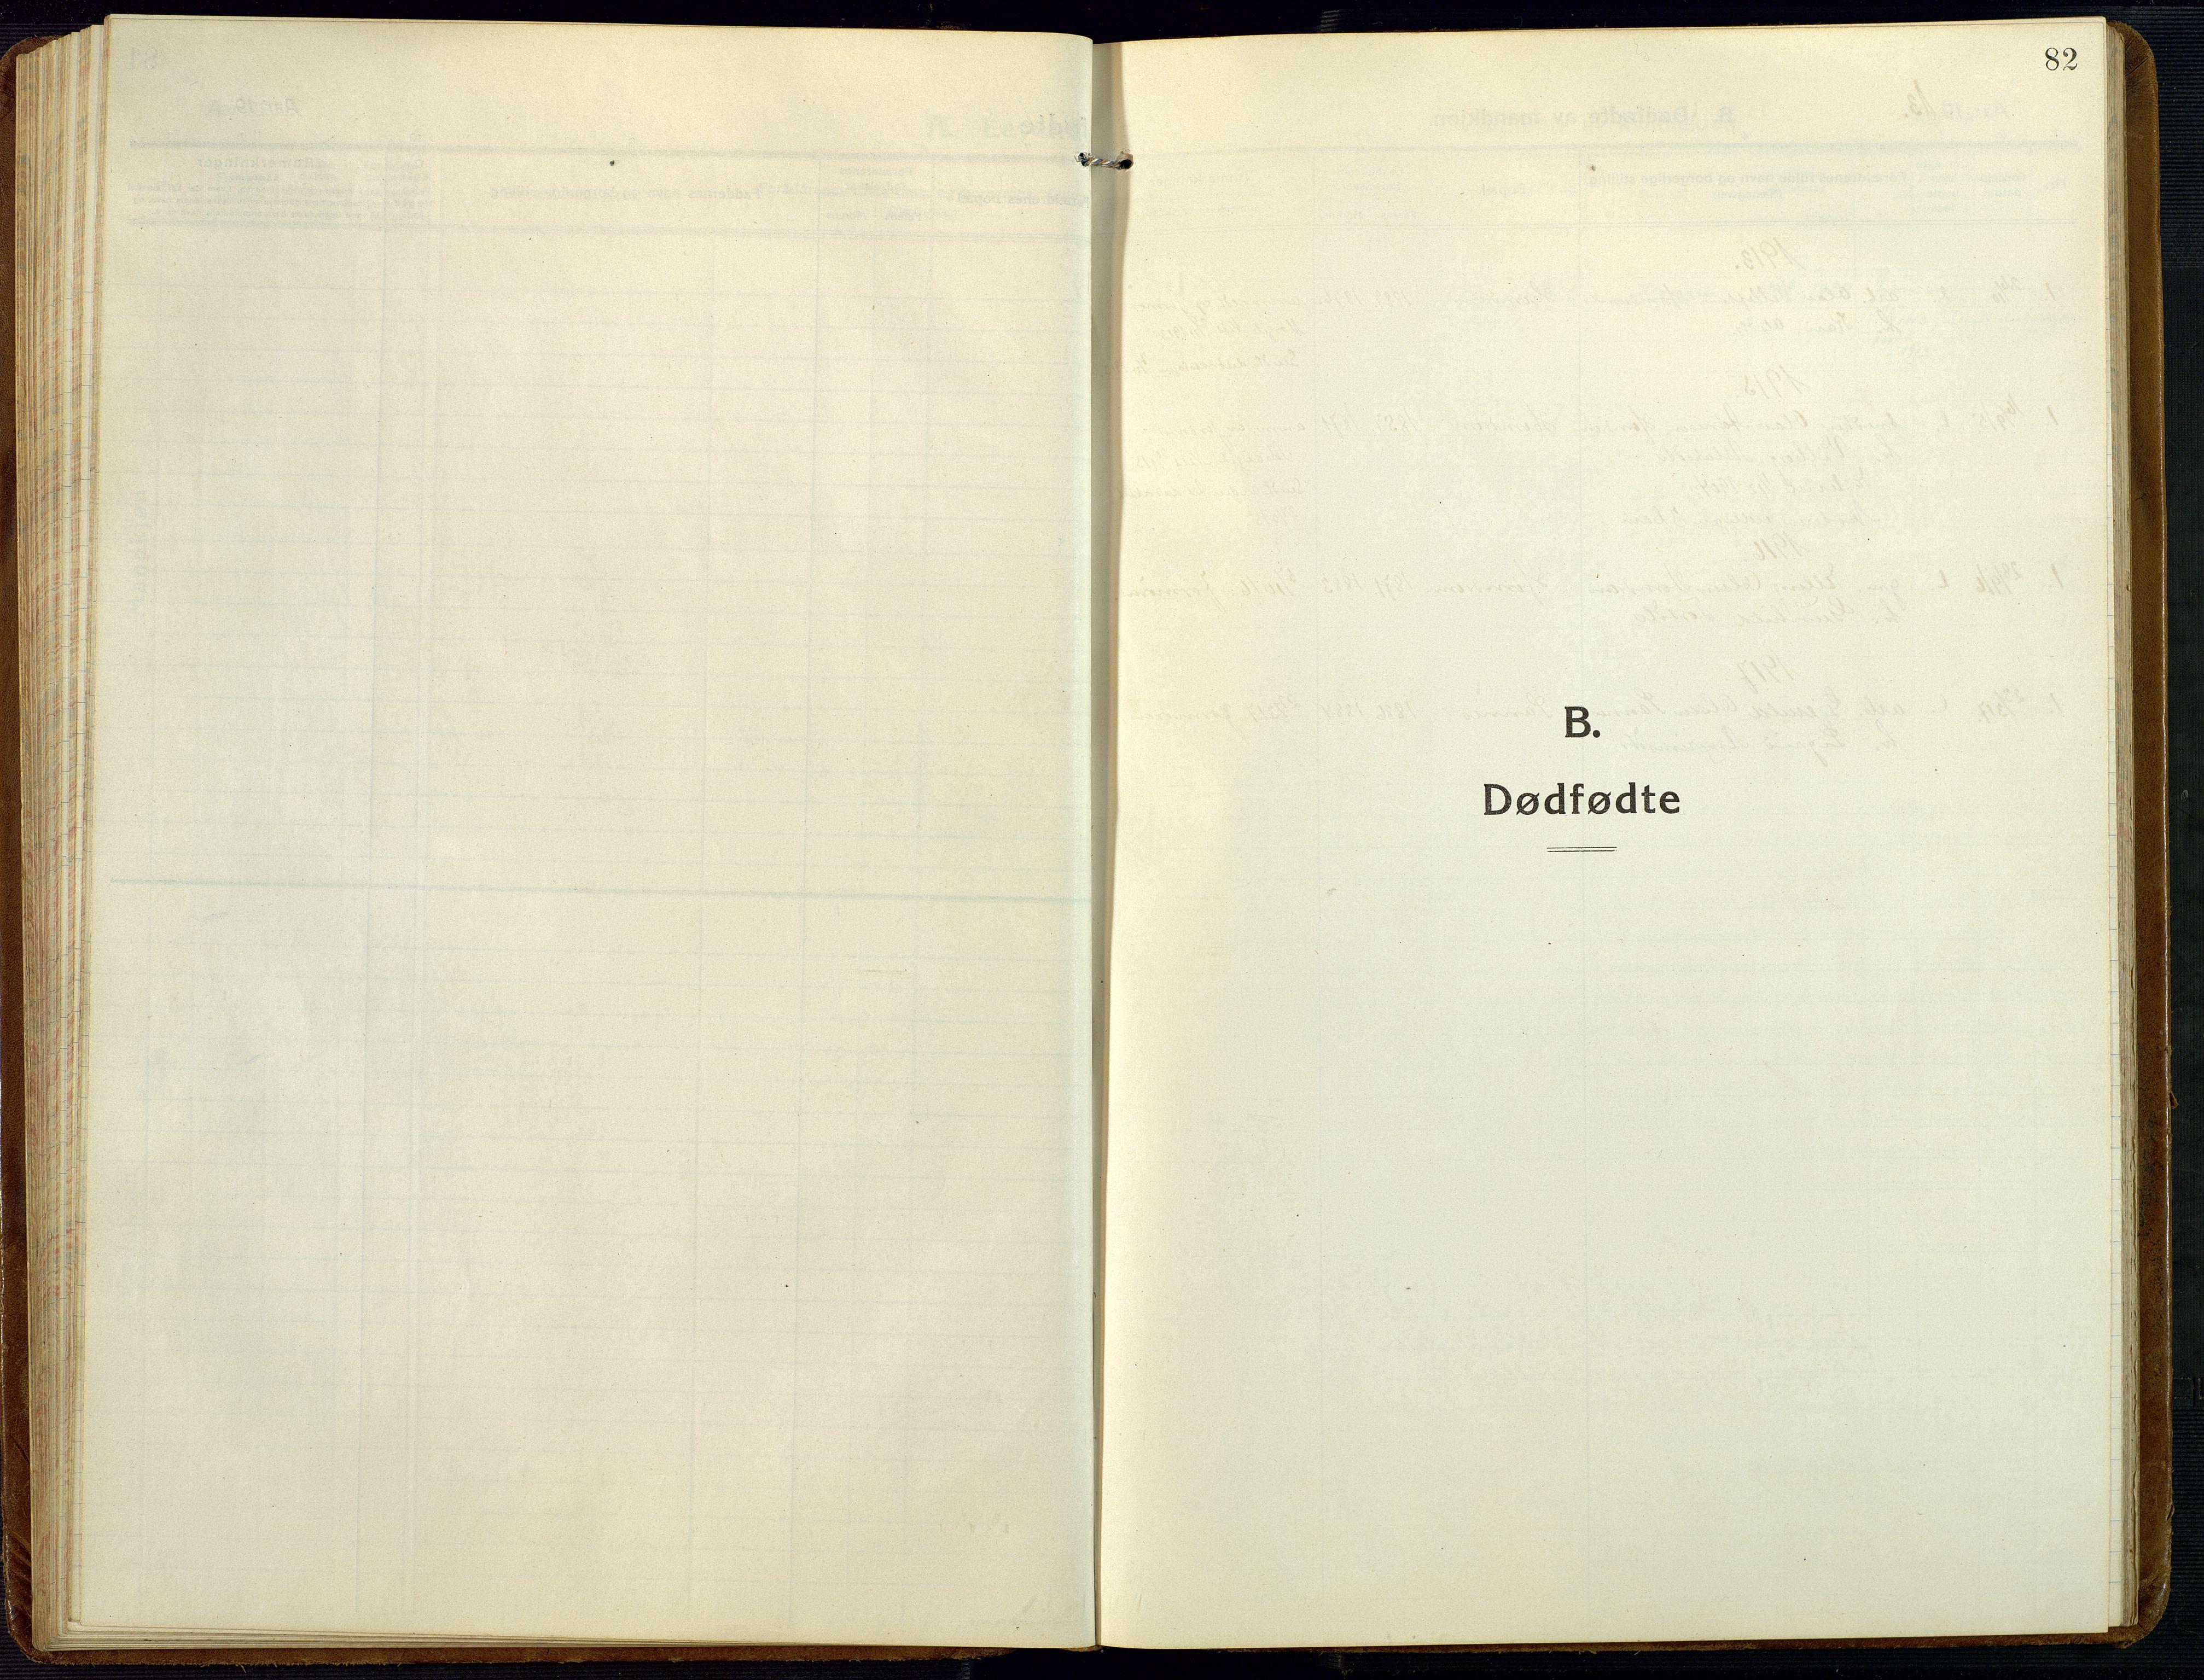 SAK, Åmli sokneprestkontor, F/Fb/Fba/L0003: Klokkerbok nr. B 3, 1912-1974, s. 82